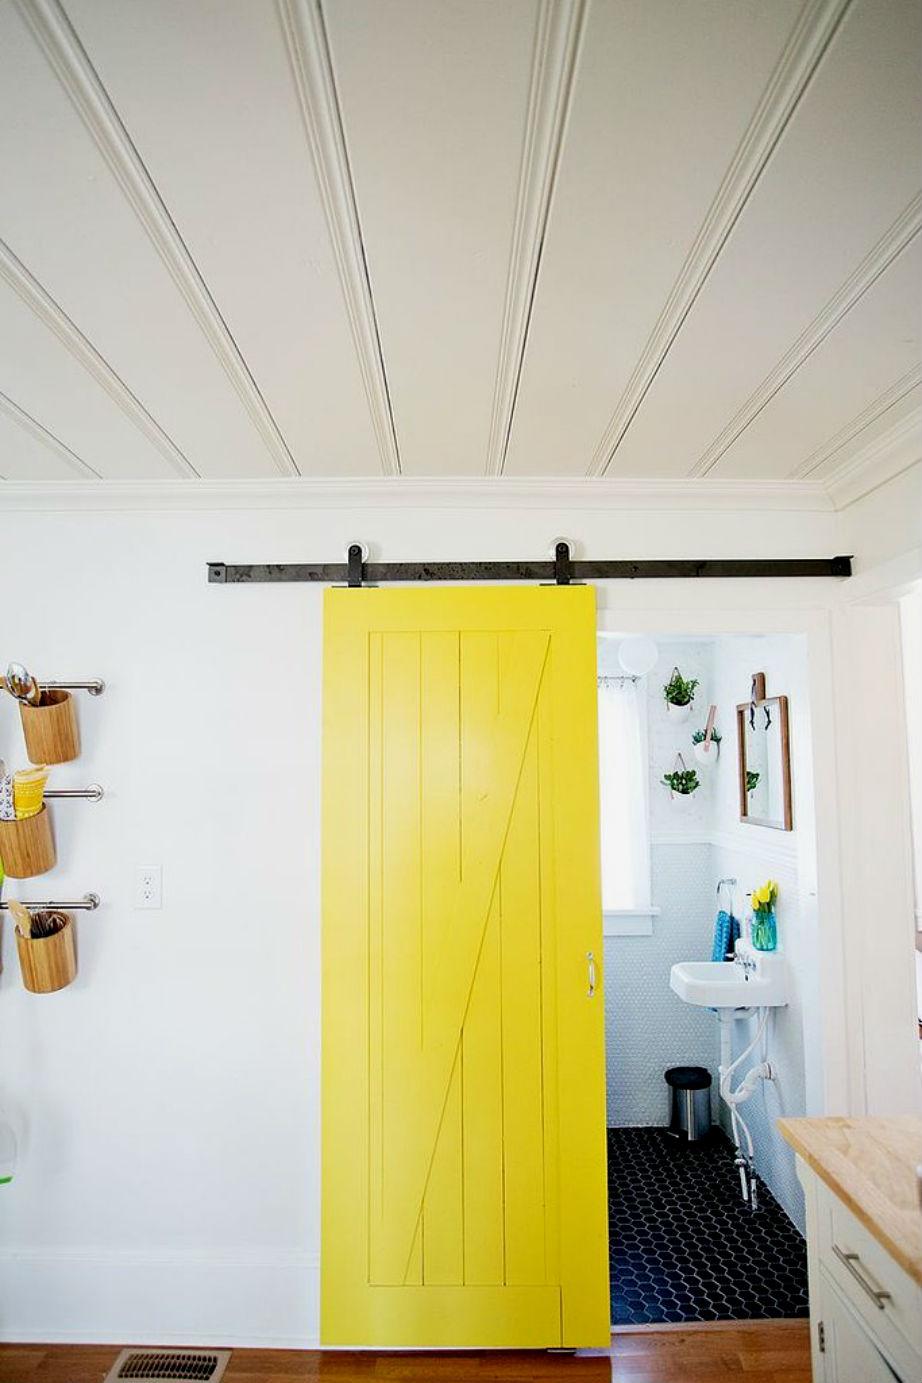 Οι συρόμενες πόρτες είναι must και στο σπίτι σας πια-όχι μόνο στο μετρό.